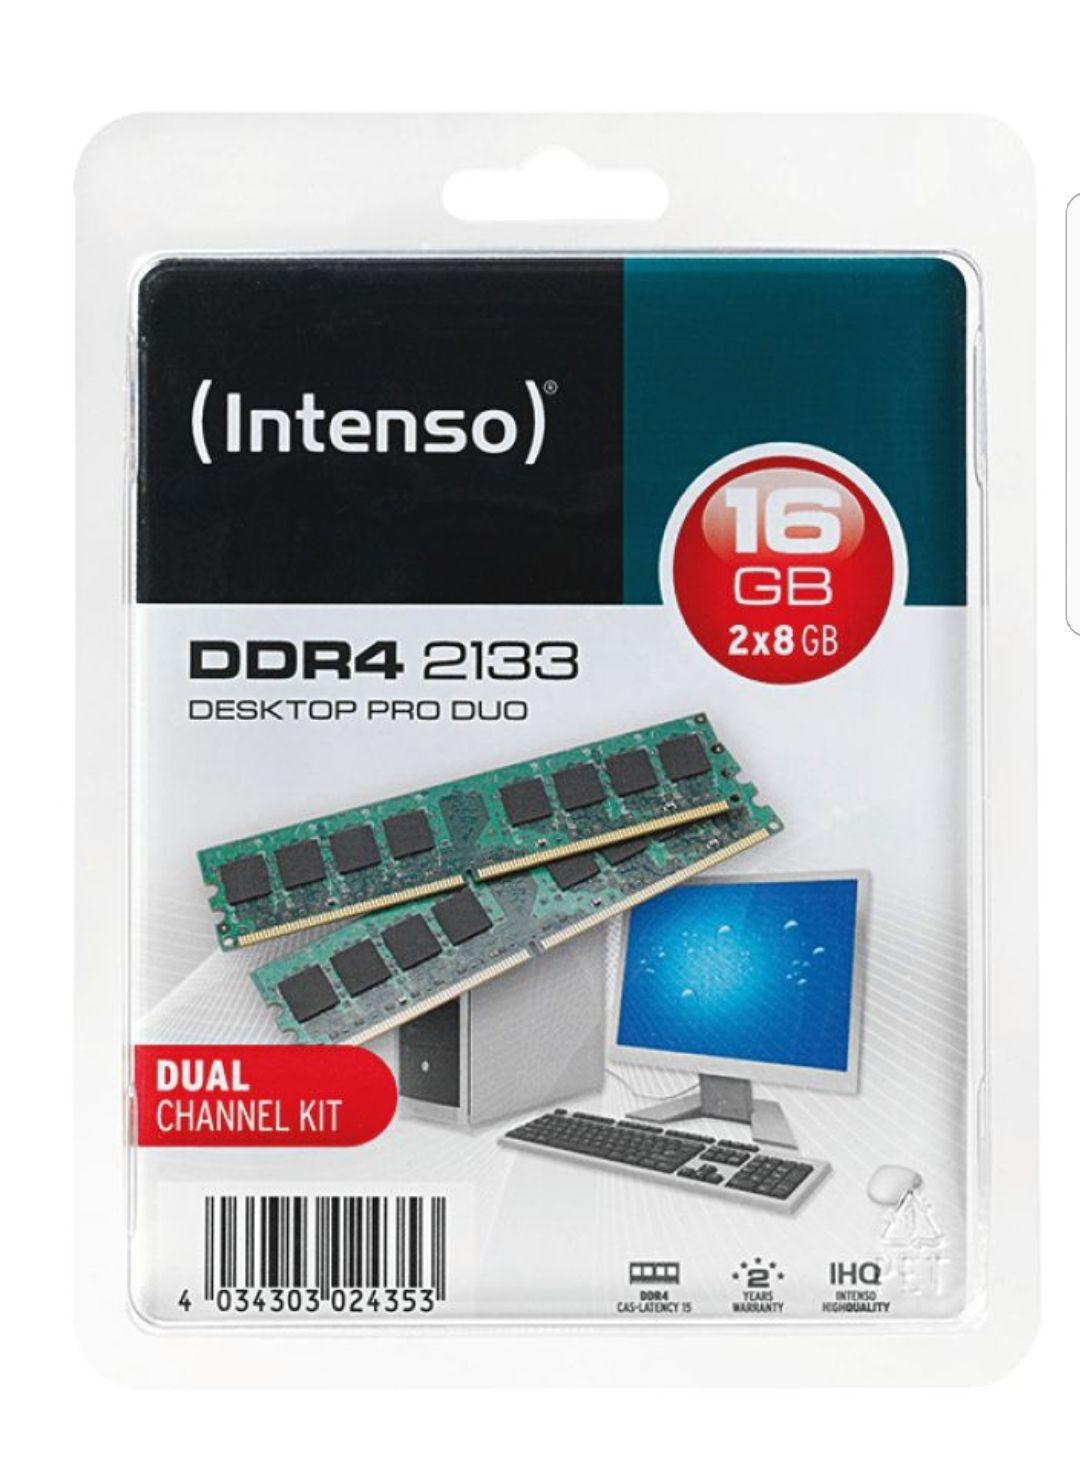 [LOKAL Berlin, Leipzig, Frankfurt a.d.O., Hannover, Stendal, Geldern, Kaiserslautern, Bad Nauheim] Intenso Pro Duo 16gb (2×8) DDR4-2133mhz oder Crucial 16gb (2×8) DDR4-2133 DIMM (PC4-17000) --- ONLINE Reservieren und im Markt abholen!